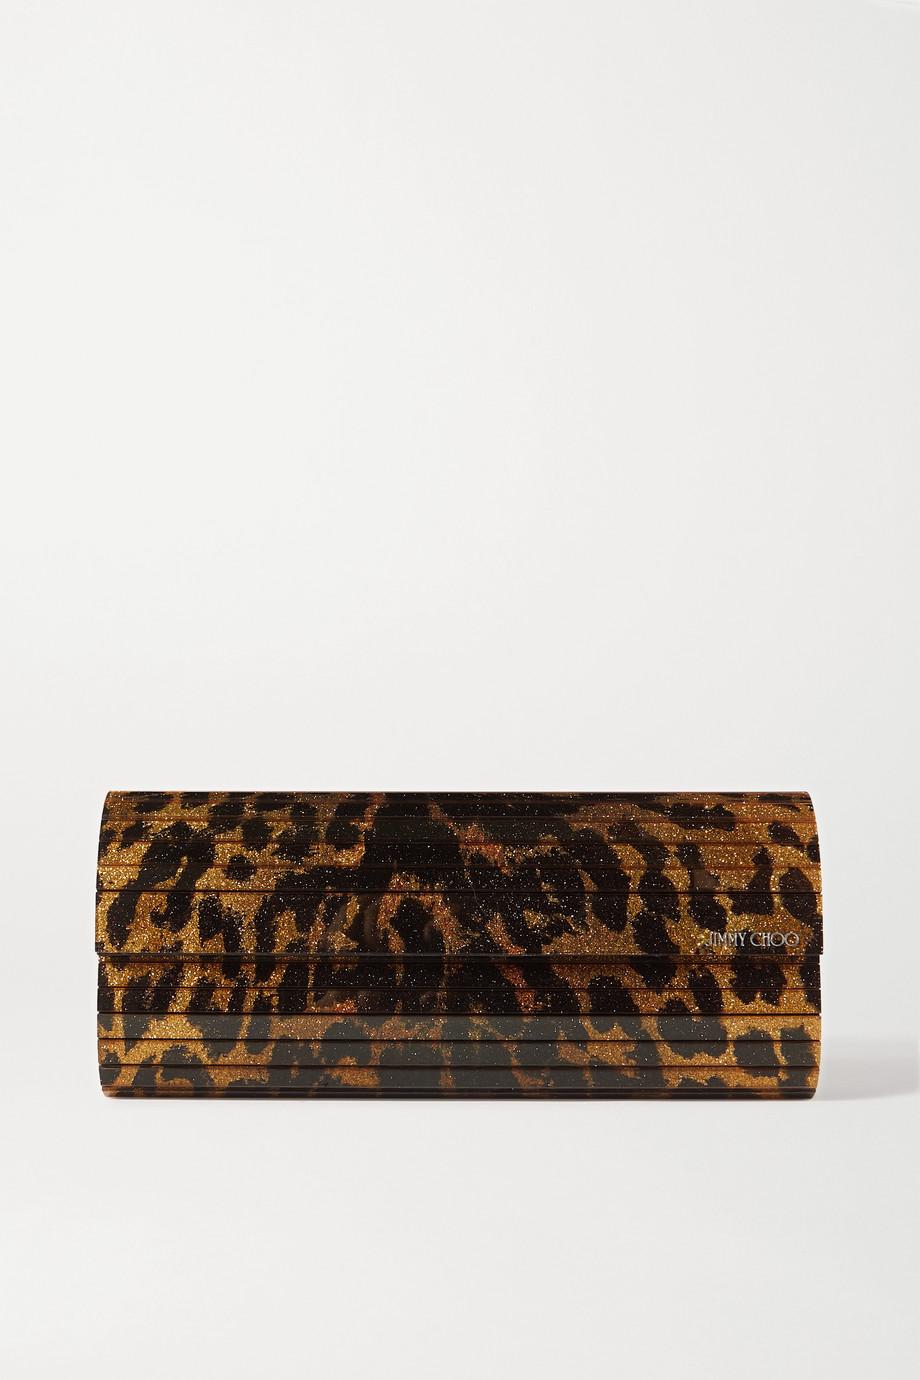 Jimmy Choo Sweetie Clutch aus Acryl mit Leopardenprint in Glitter-Optik